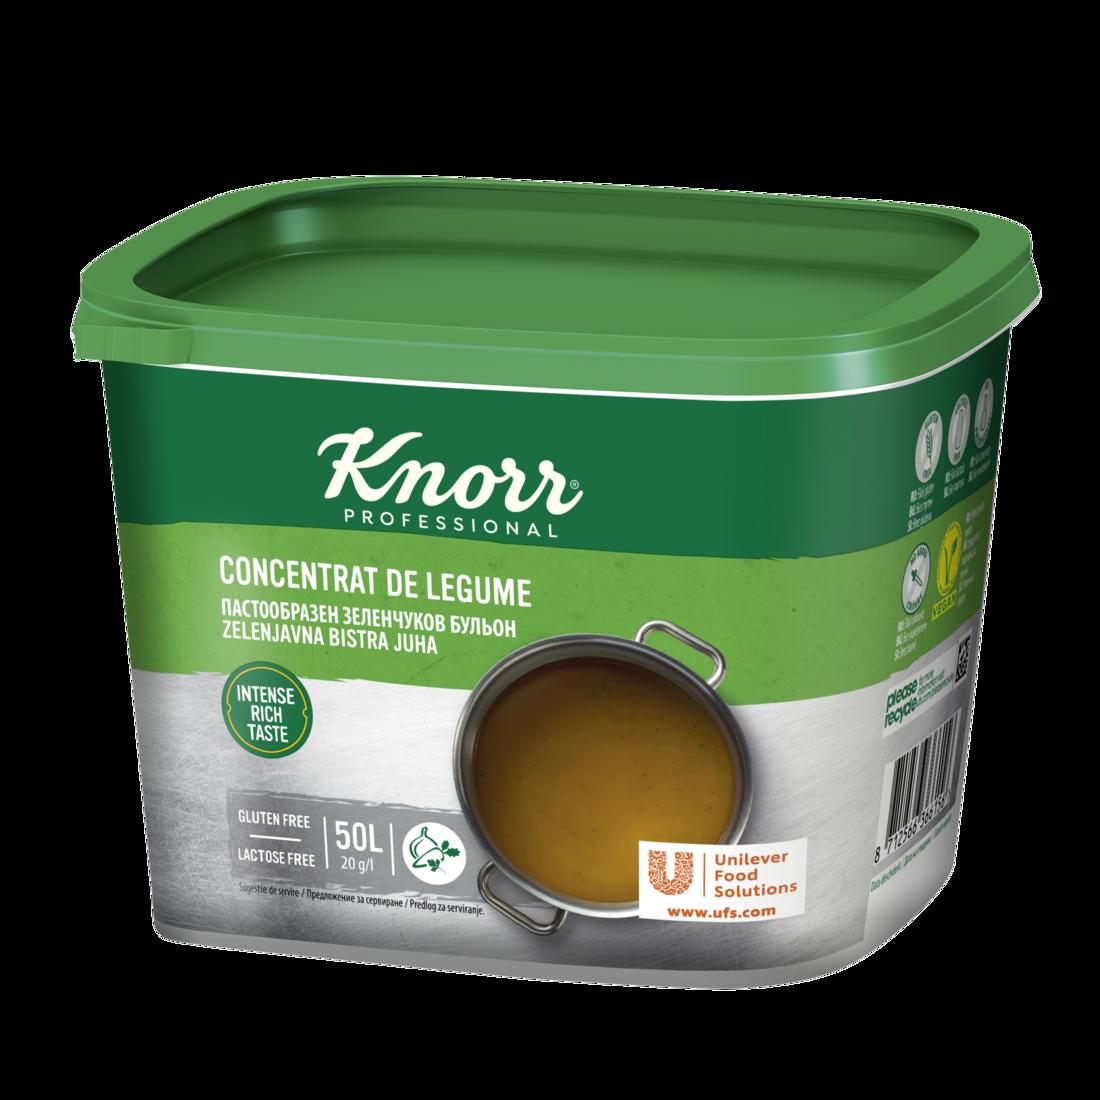 Knorr Concentrat de legume